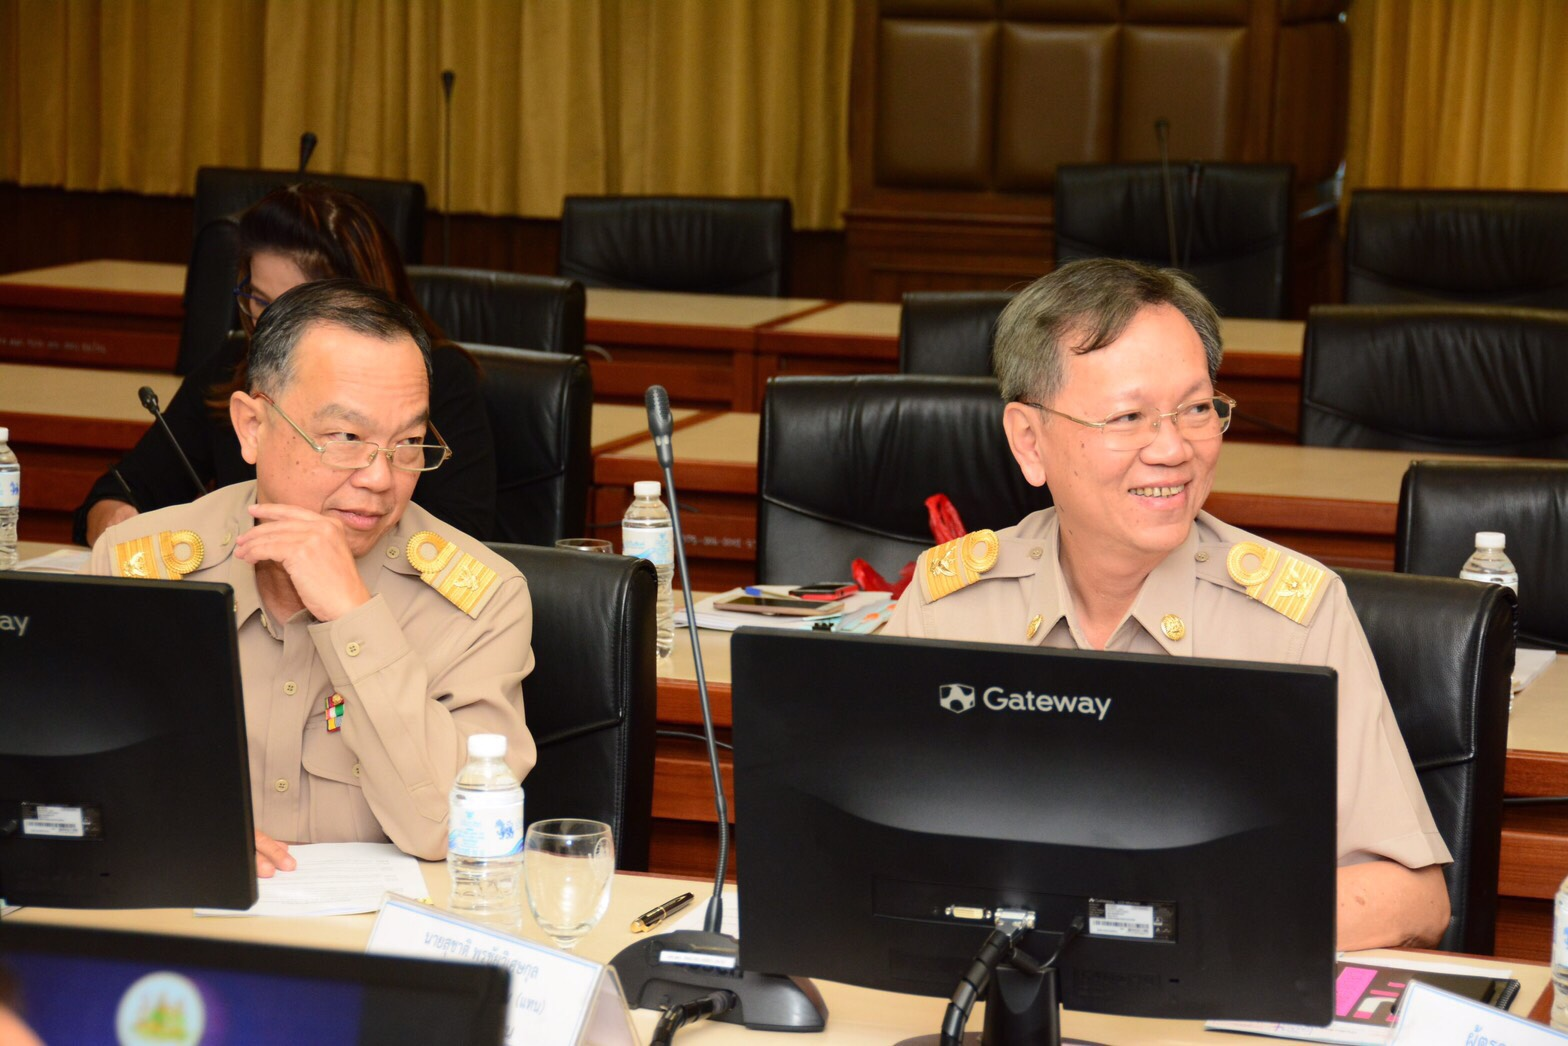 รมว.แรงงาน มอบนโยบายในการตรวจนิเทศการปฏิบัติงานของสำนักงานแรงงานไทยในต่างประเทศ